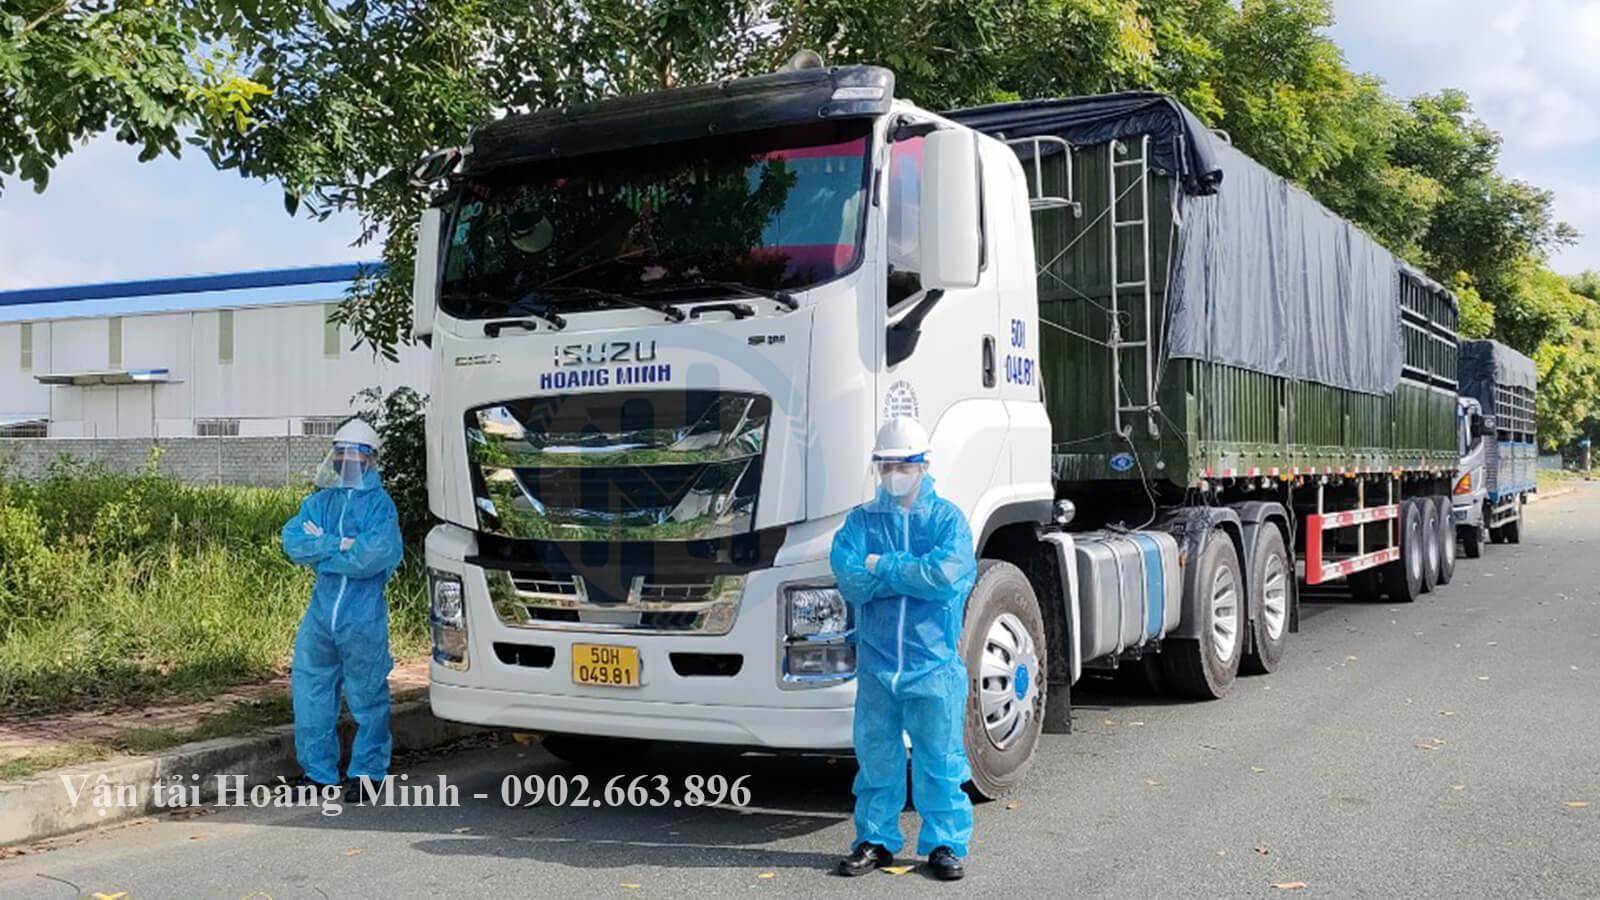 Tại sao bạn nên sử dụng dịch vụ vận tải Bắc Nam của Vận tải Hoàng Minh